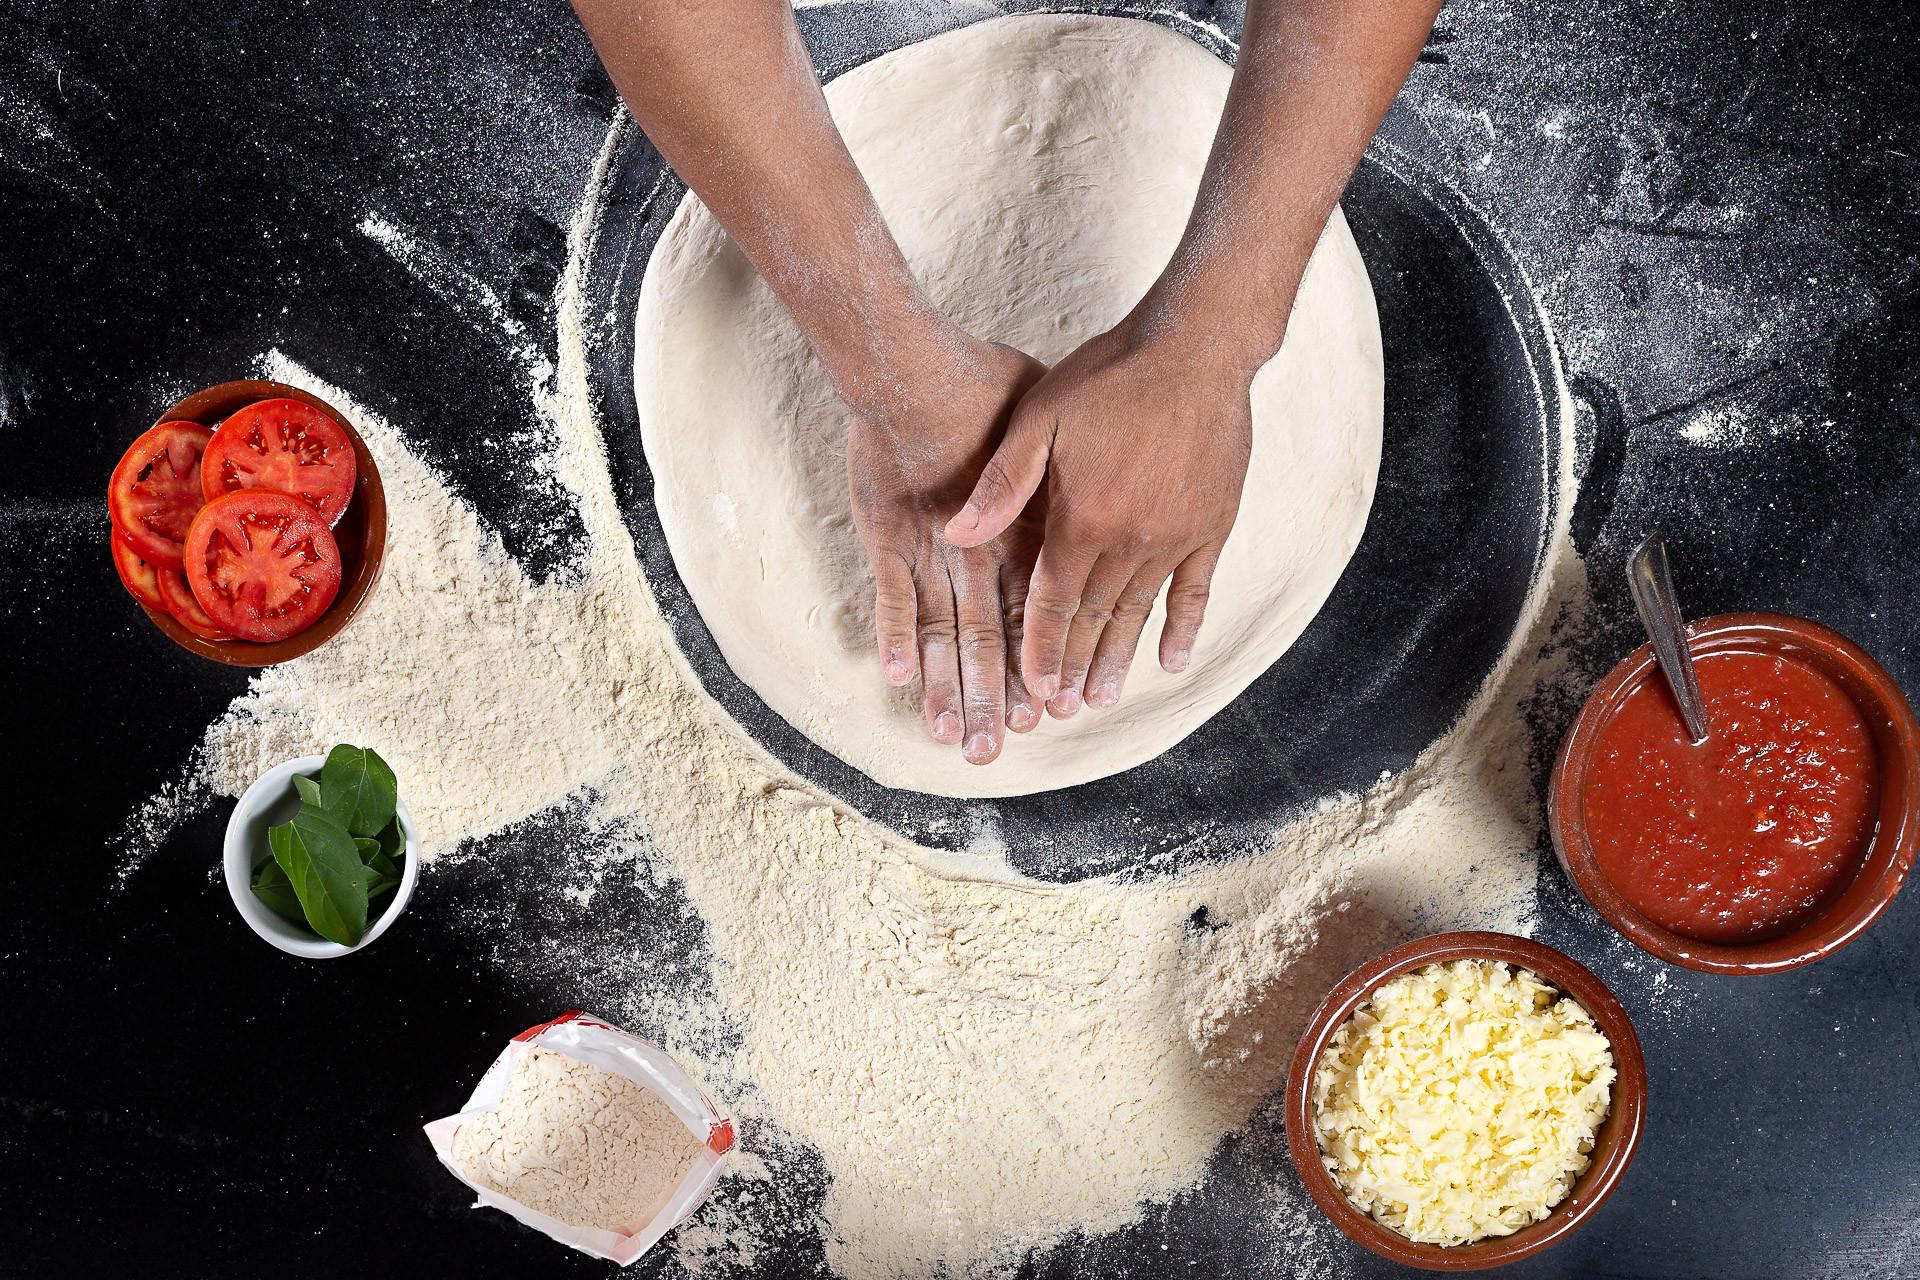 180711_Pizzeria-Italy_382_PS.jpg